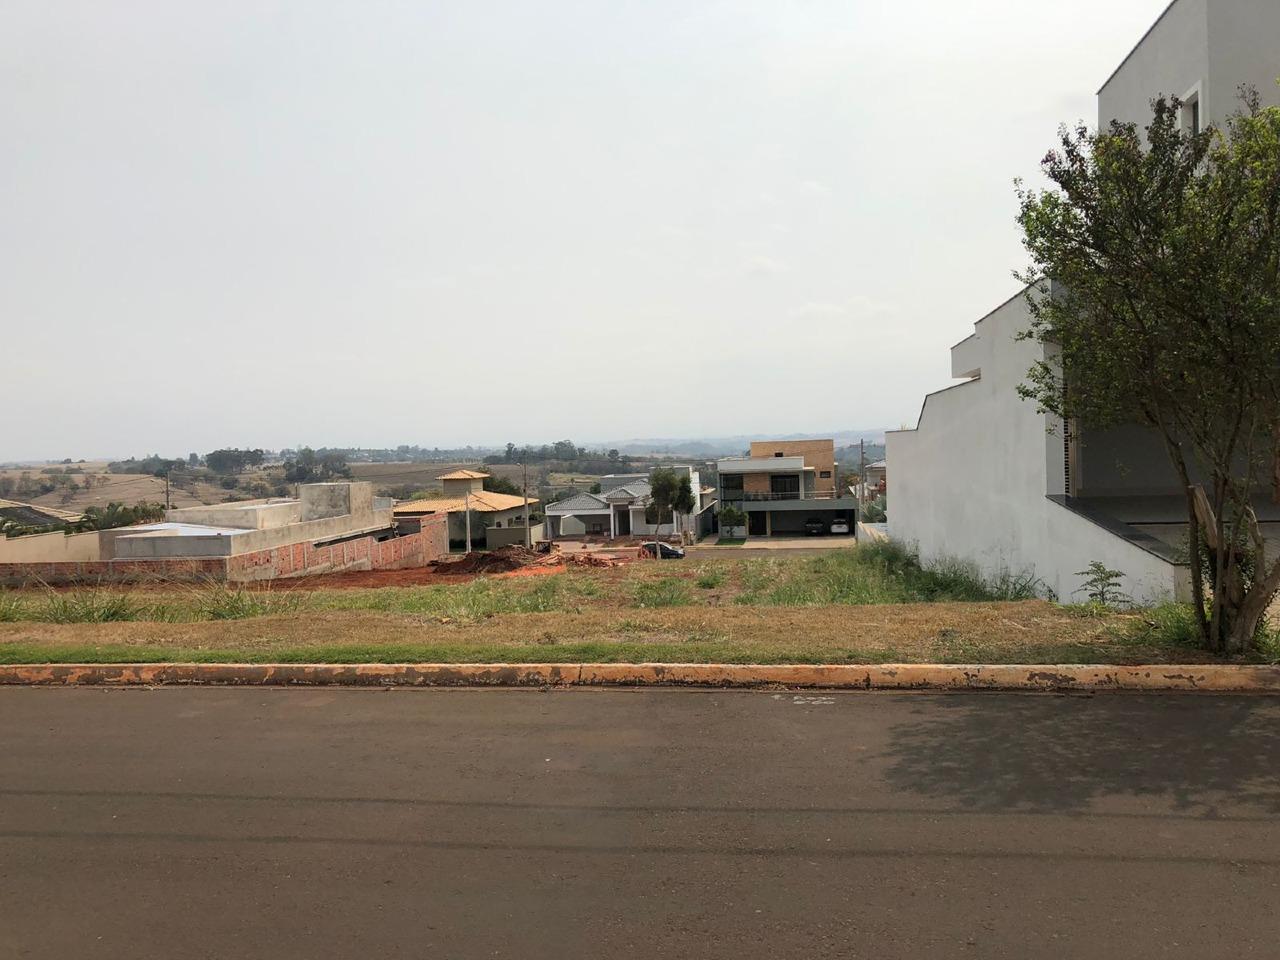 Terreno em Condomínio para comprar, no bairro Morato em Piracicaba - SP